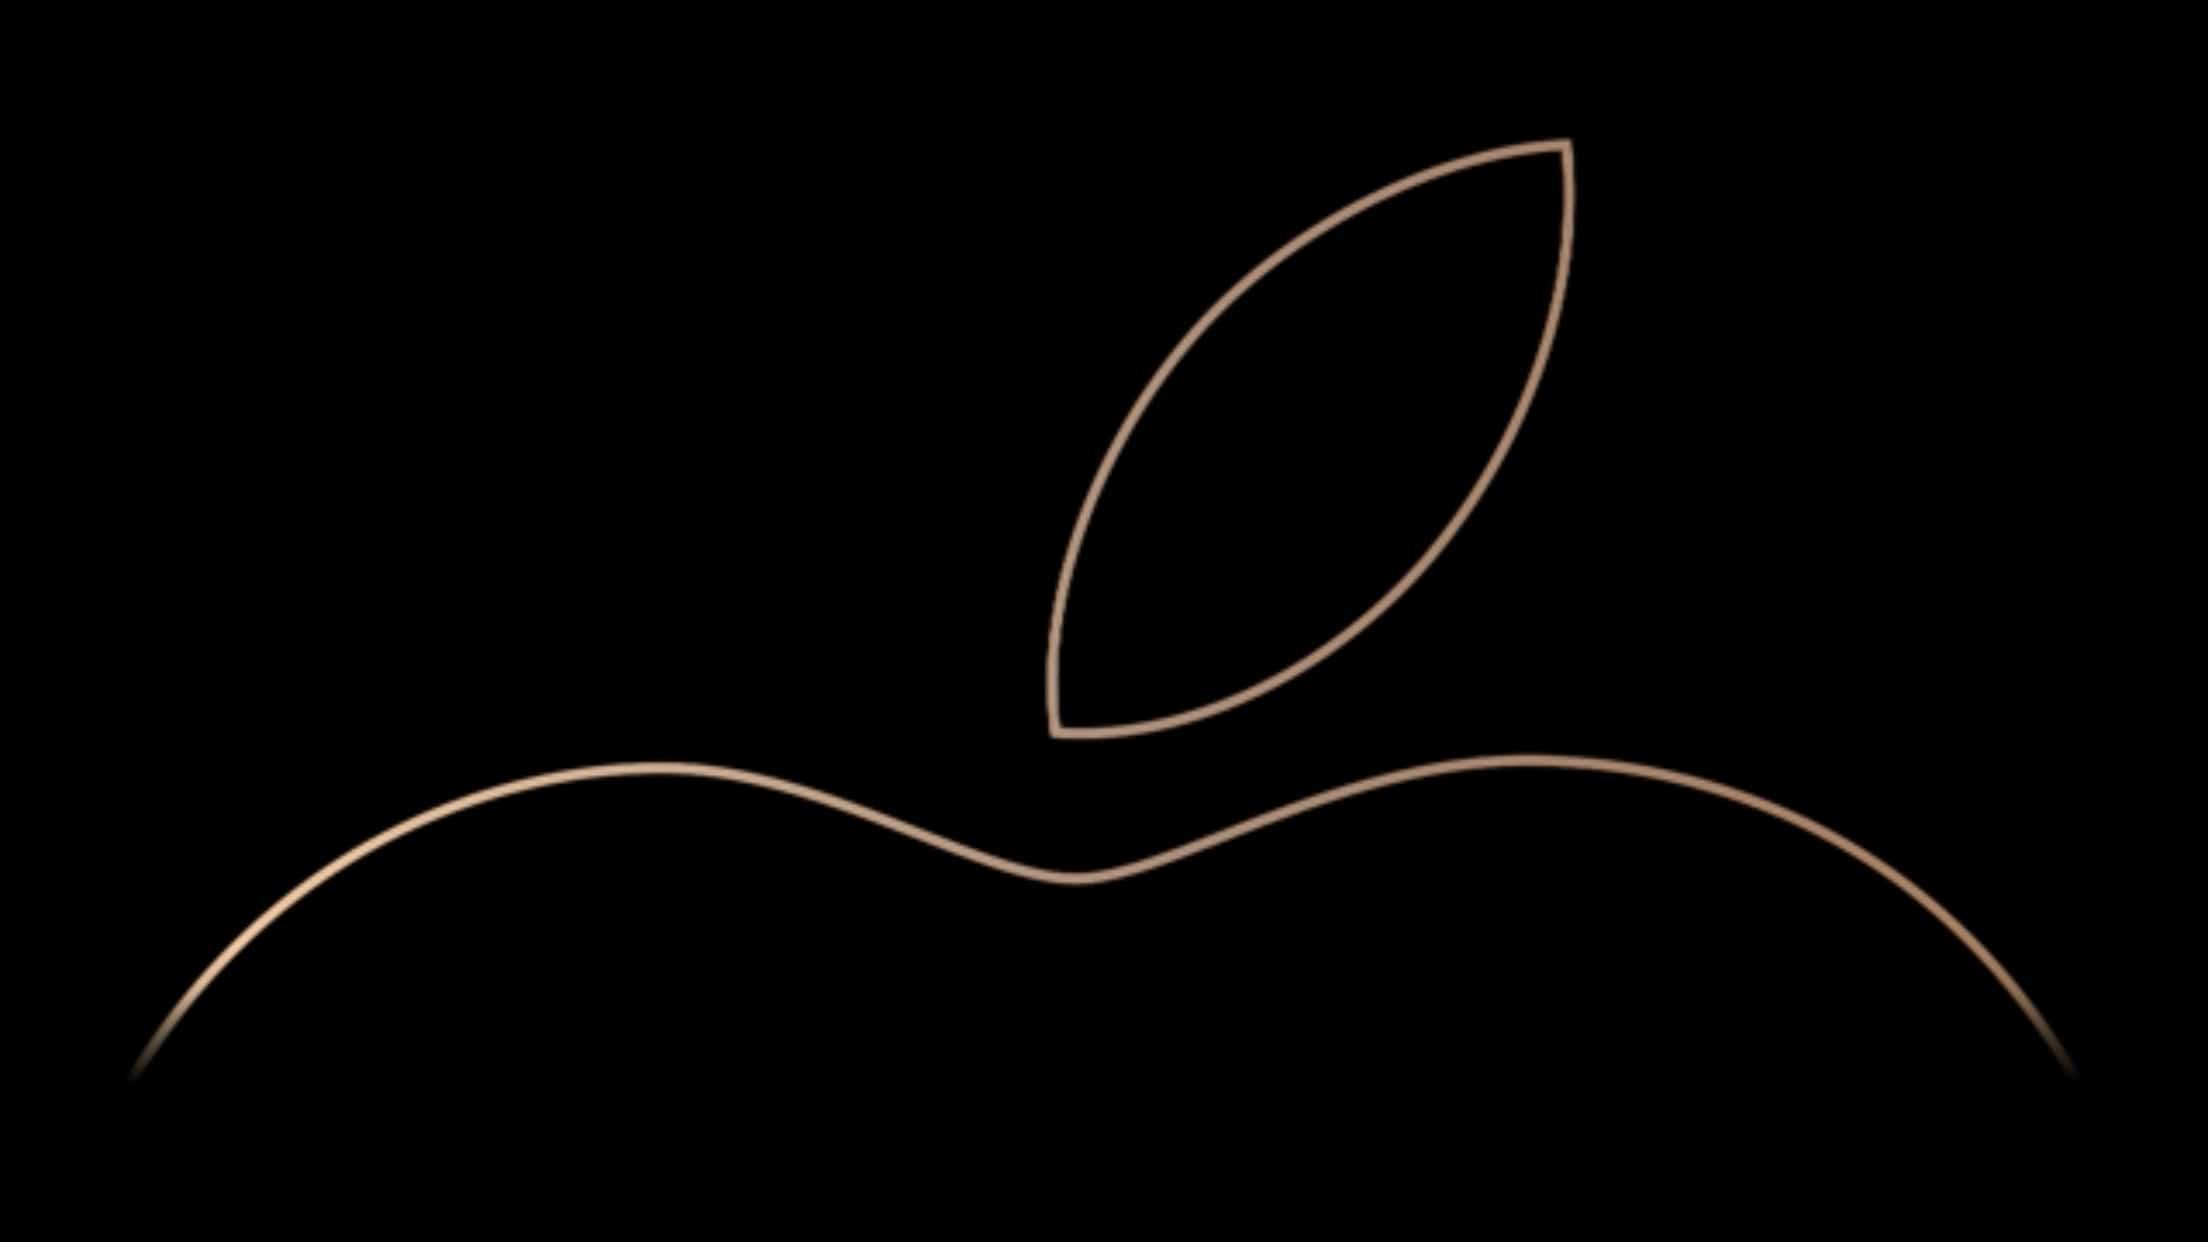 apple-september-2018-event